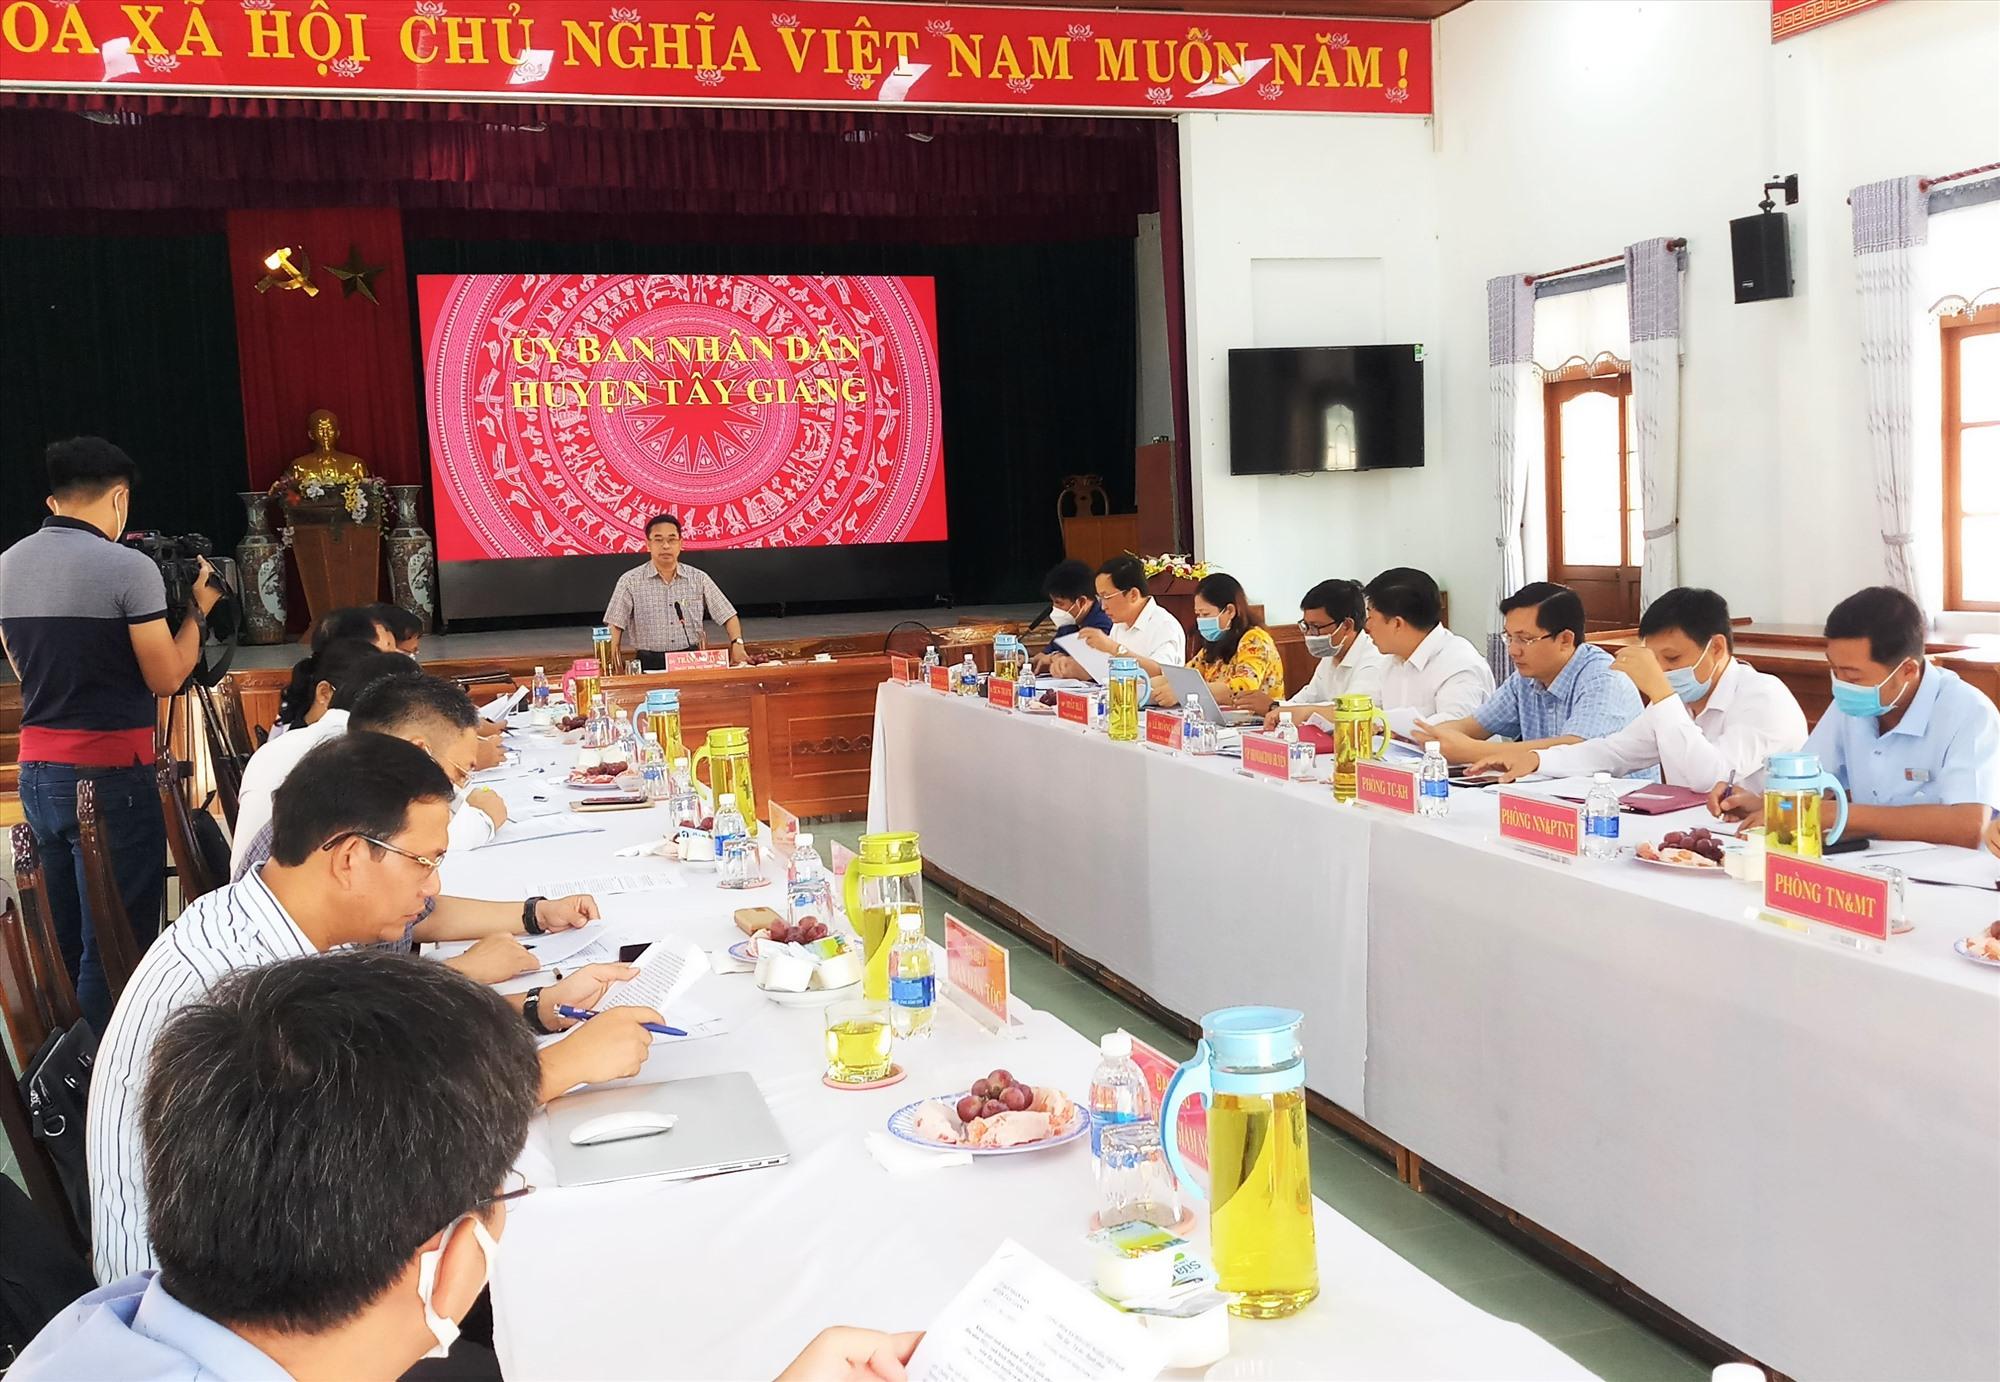 Phó Chủ tịch UBND tỉnh Trần Anh Tuấn phát biểu tại buổi làm việc với huyện Tây Giang. Ảnh: A.N